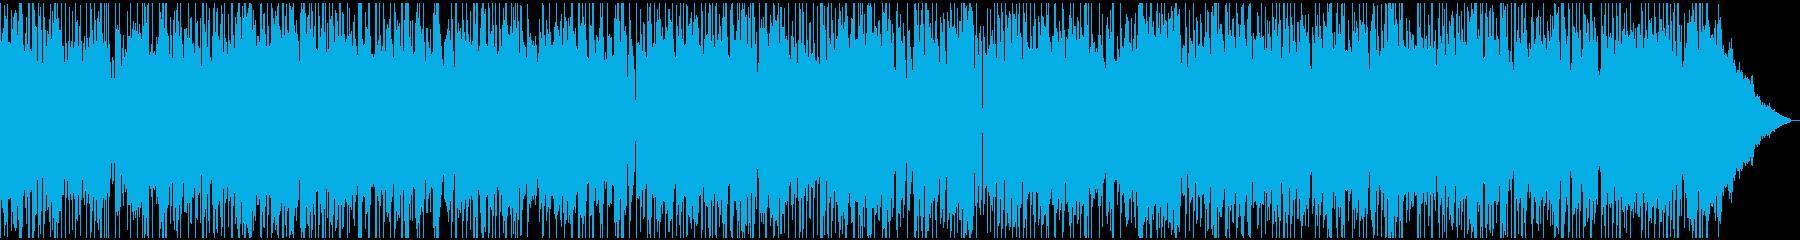 程よい疾走感のあるポップ・ロックの再生済みの波形